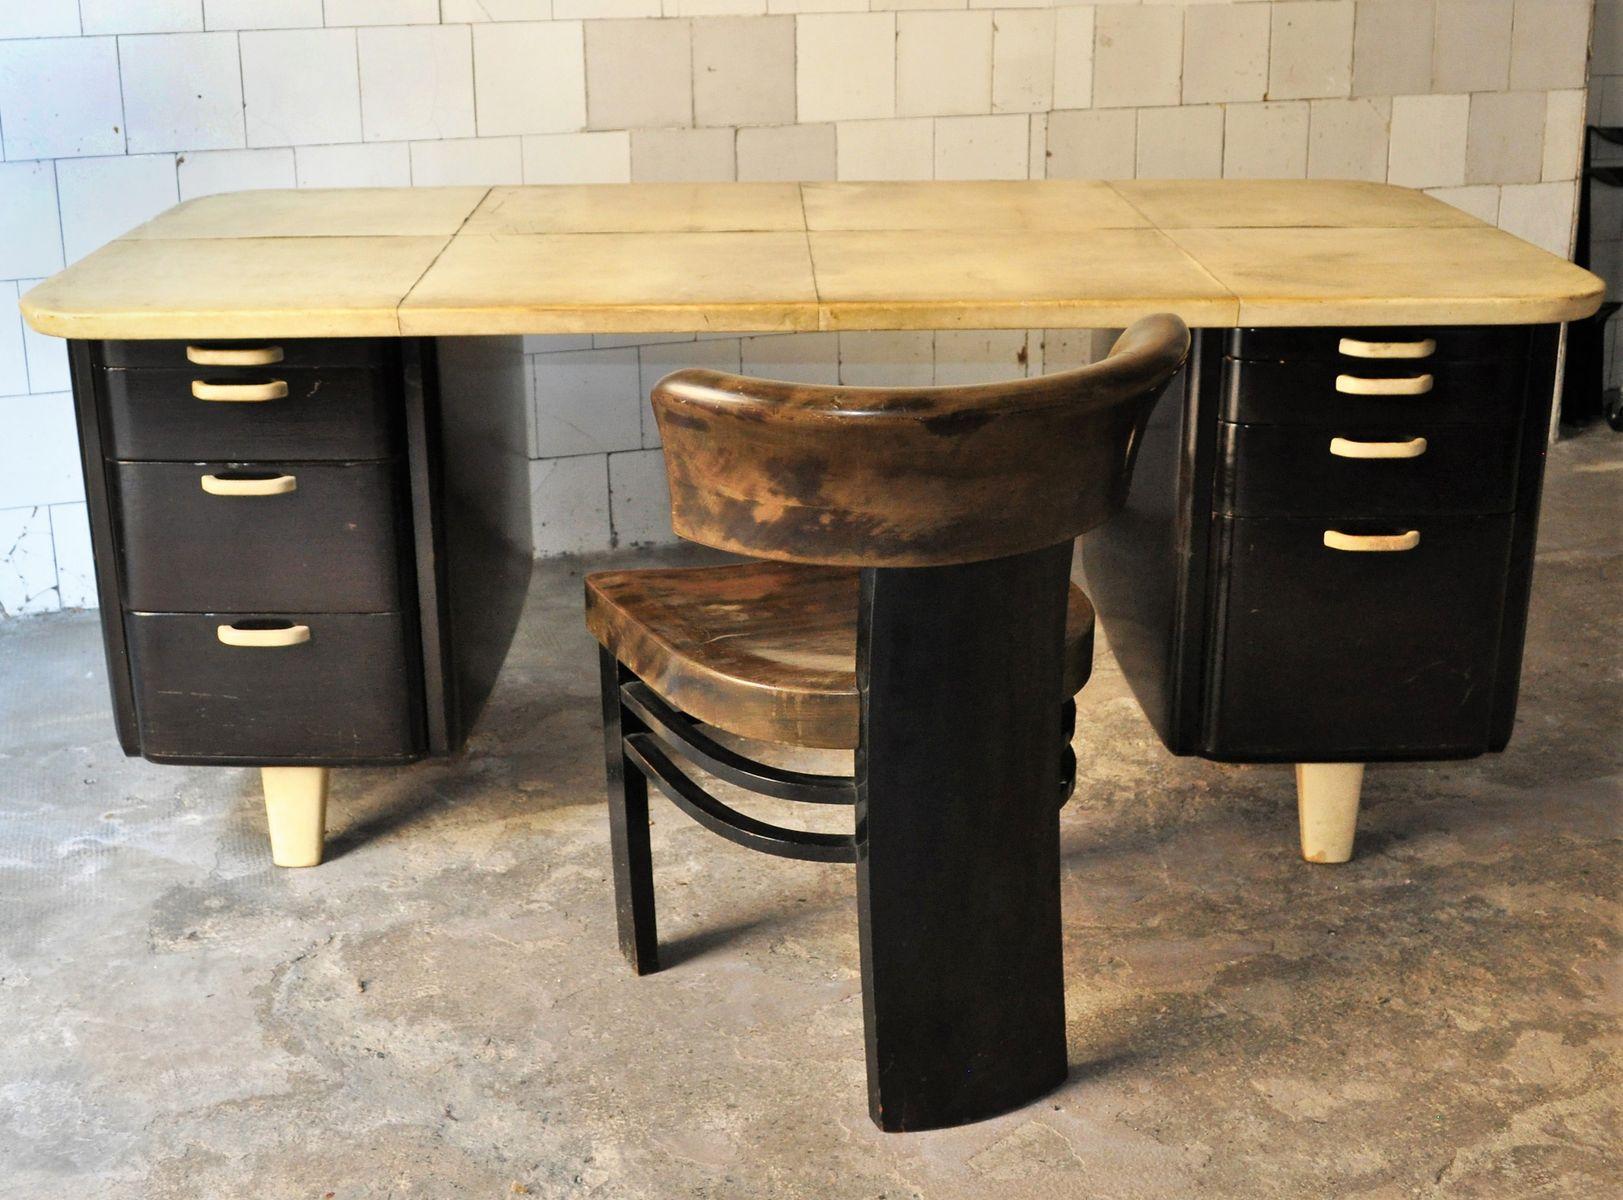 Sedie In Legno Colorate : Sedia in legno colorato di vittorio valabrega anni 30 in vendita